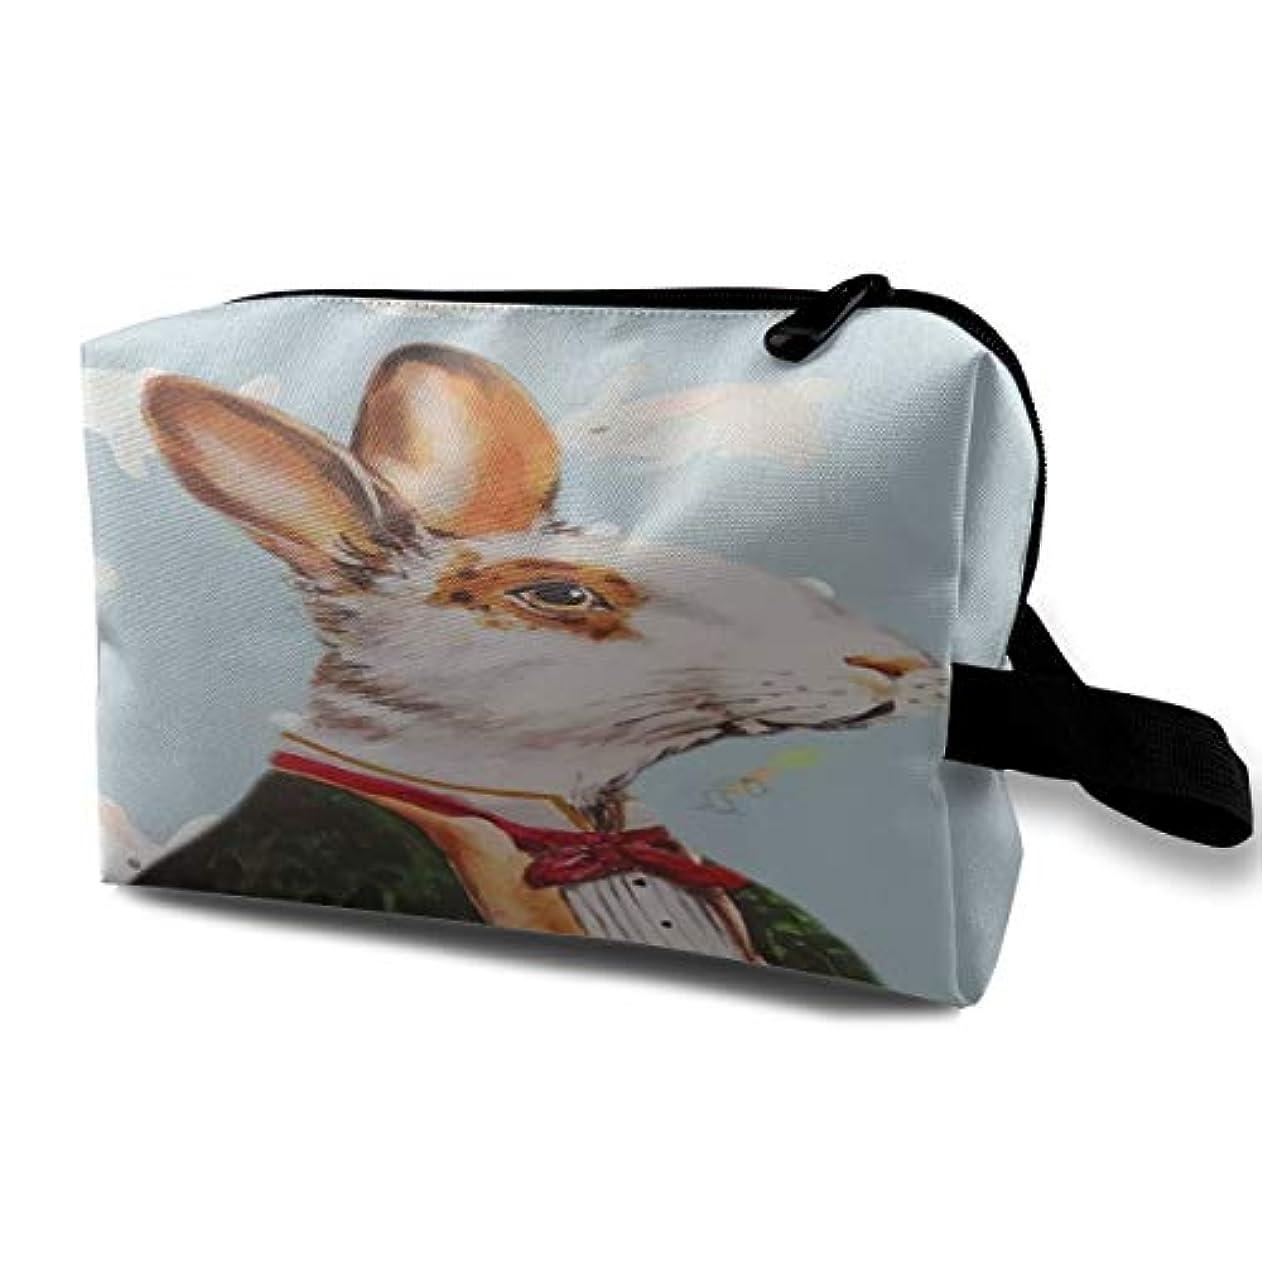 伝導哀れな肉腫Easter Gentle Bunny 収納ポーチ 化粧ポーチ 大容量 軽量 耐久性 ハンドル付持ち運び便利。入れ 自宅?出張?旅行?アウトドア撮影などに対応。メンズ レディース トラベルグッズ